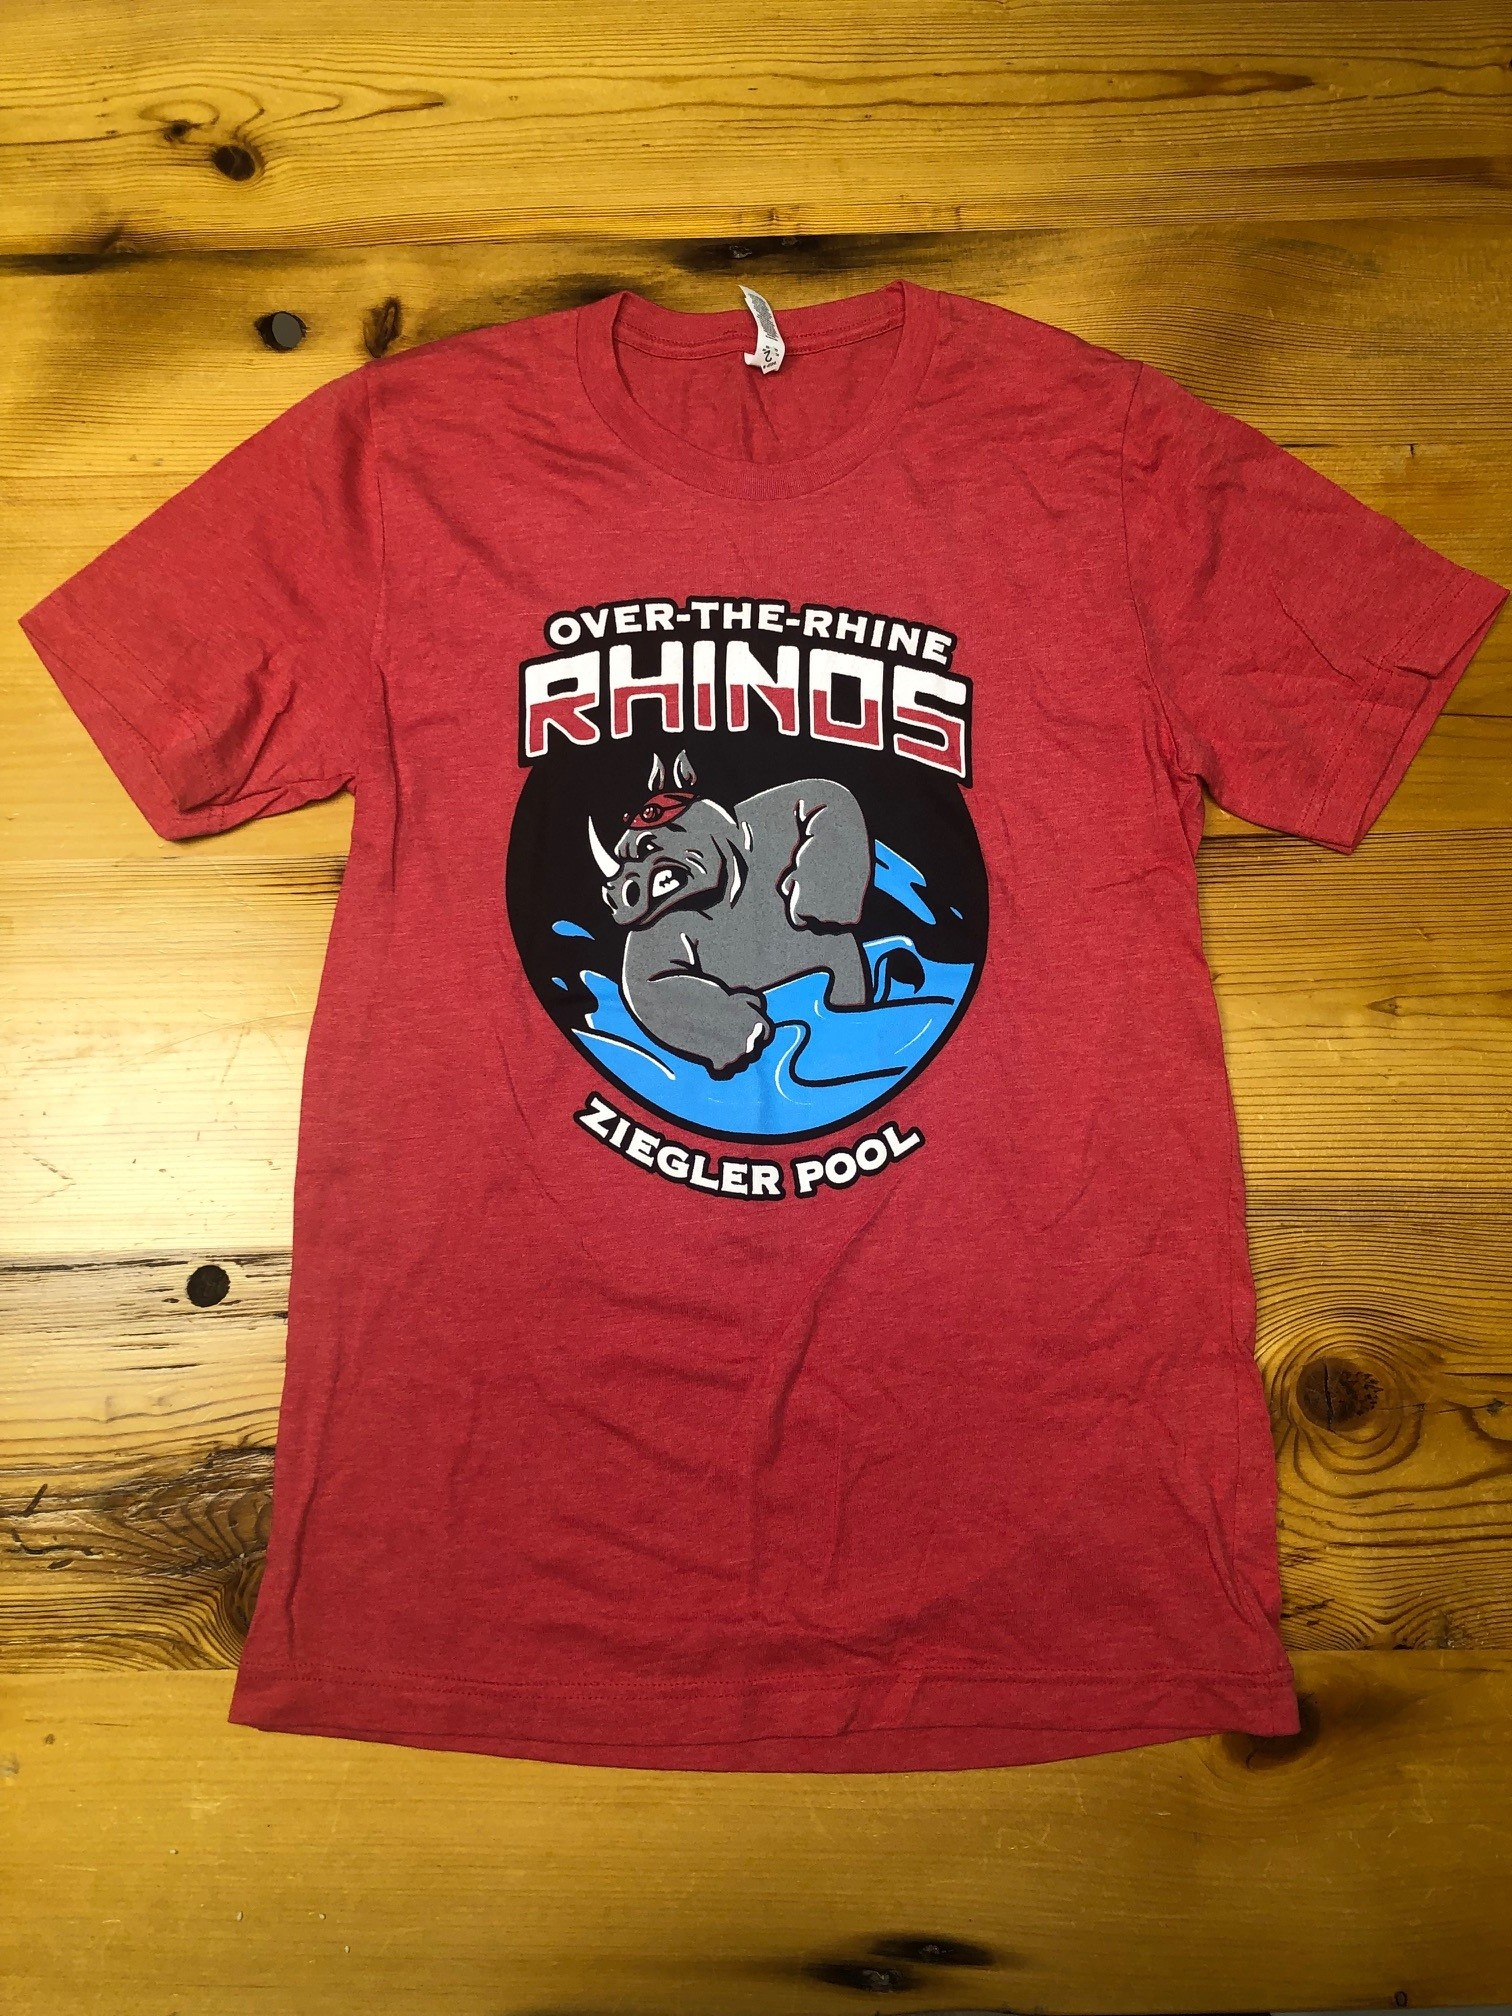 OTR Rhinos T-Shirt, Red